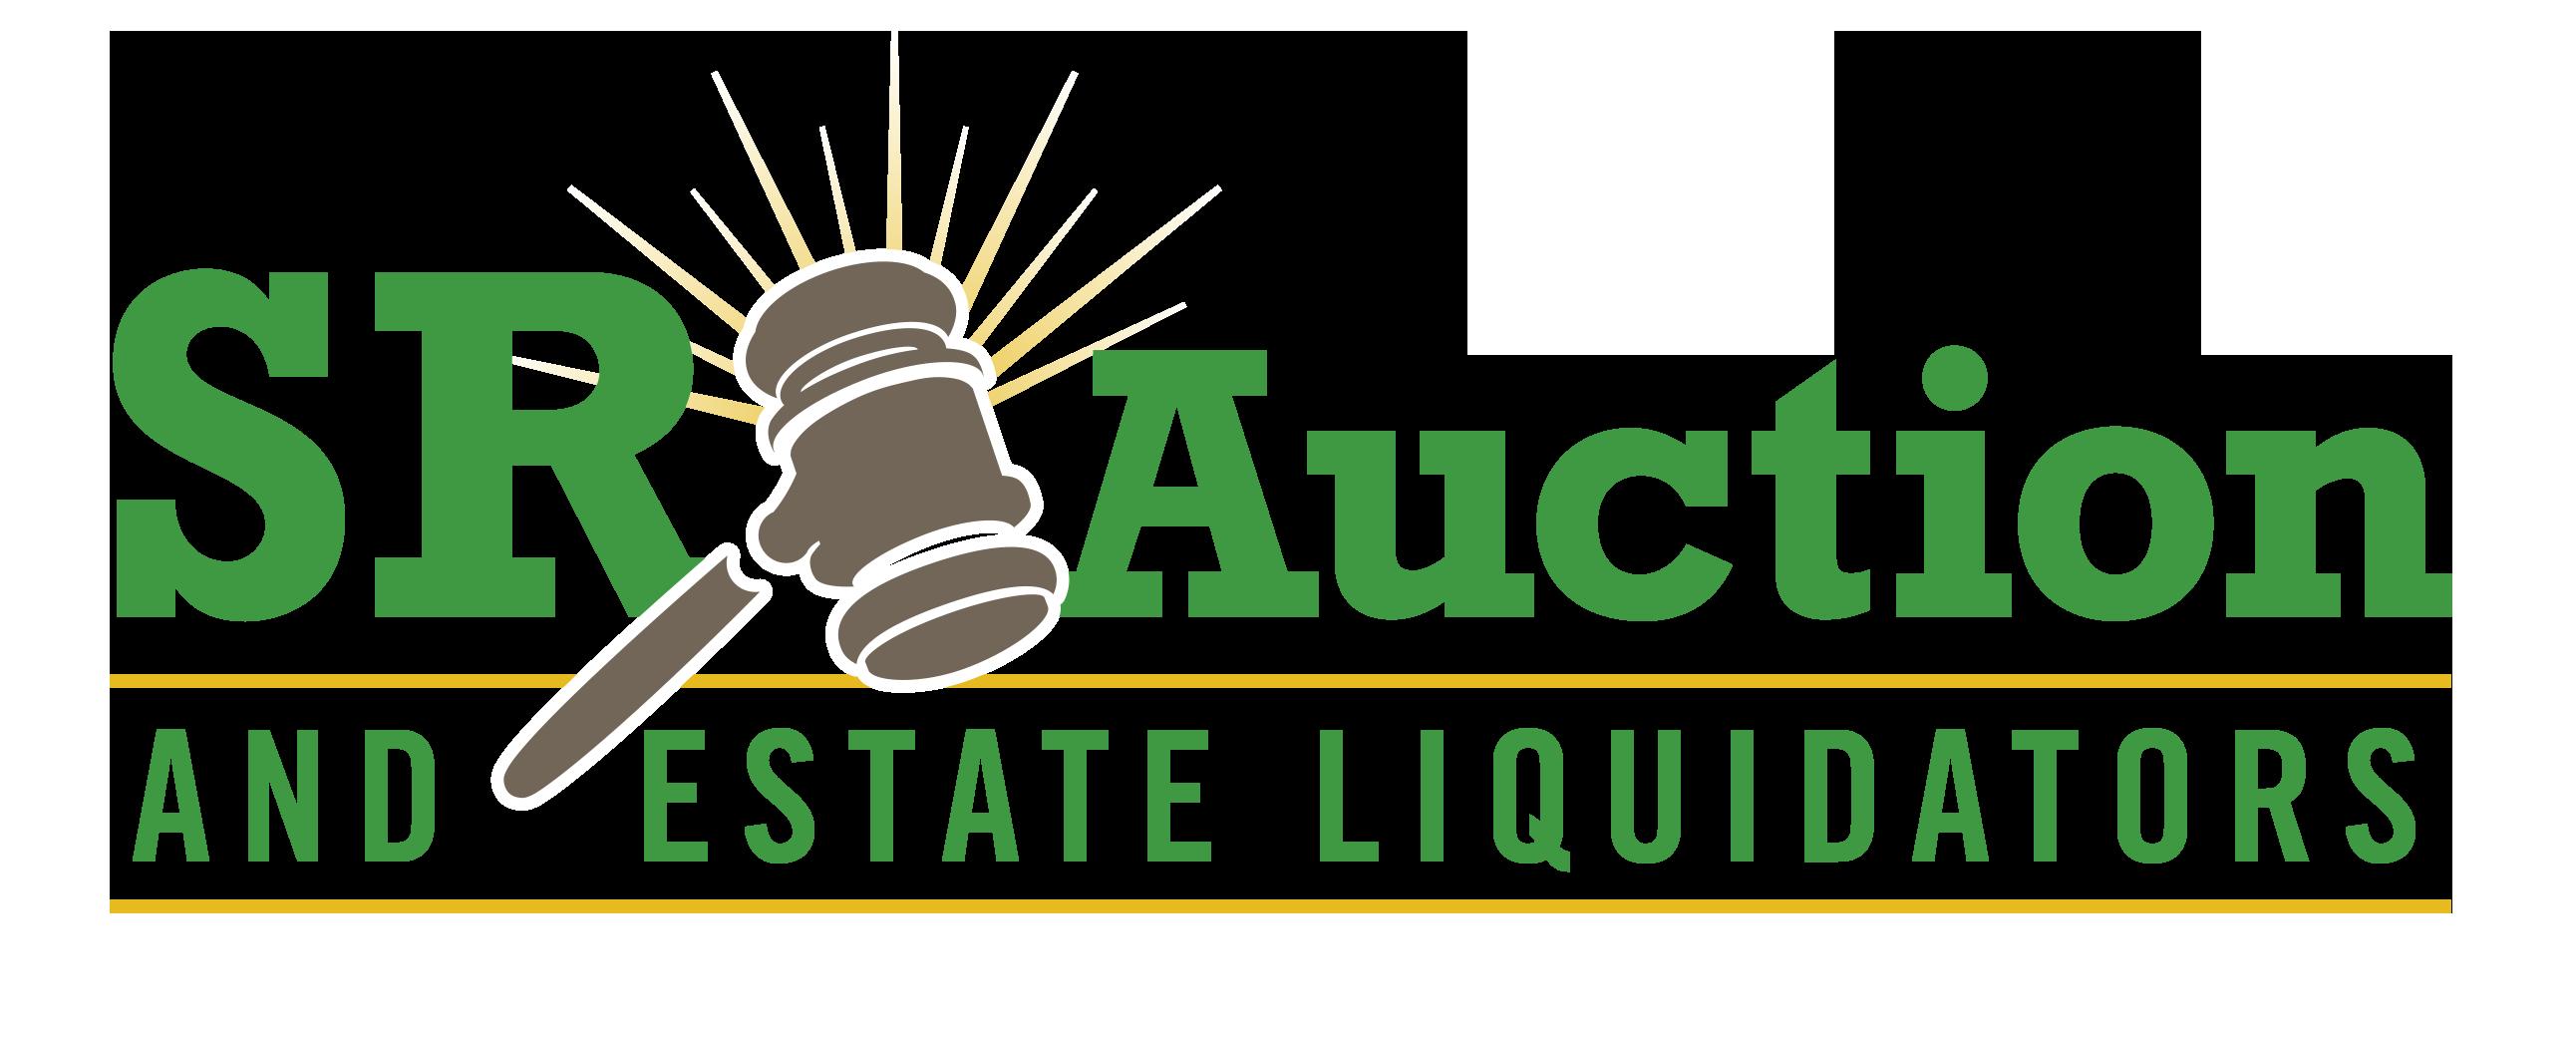 SR Auction & Estate Liquidators